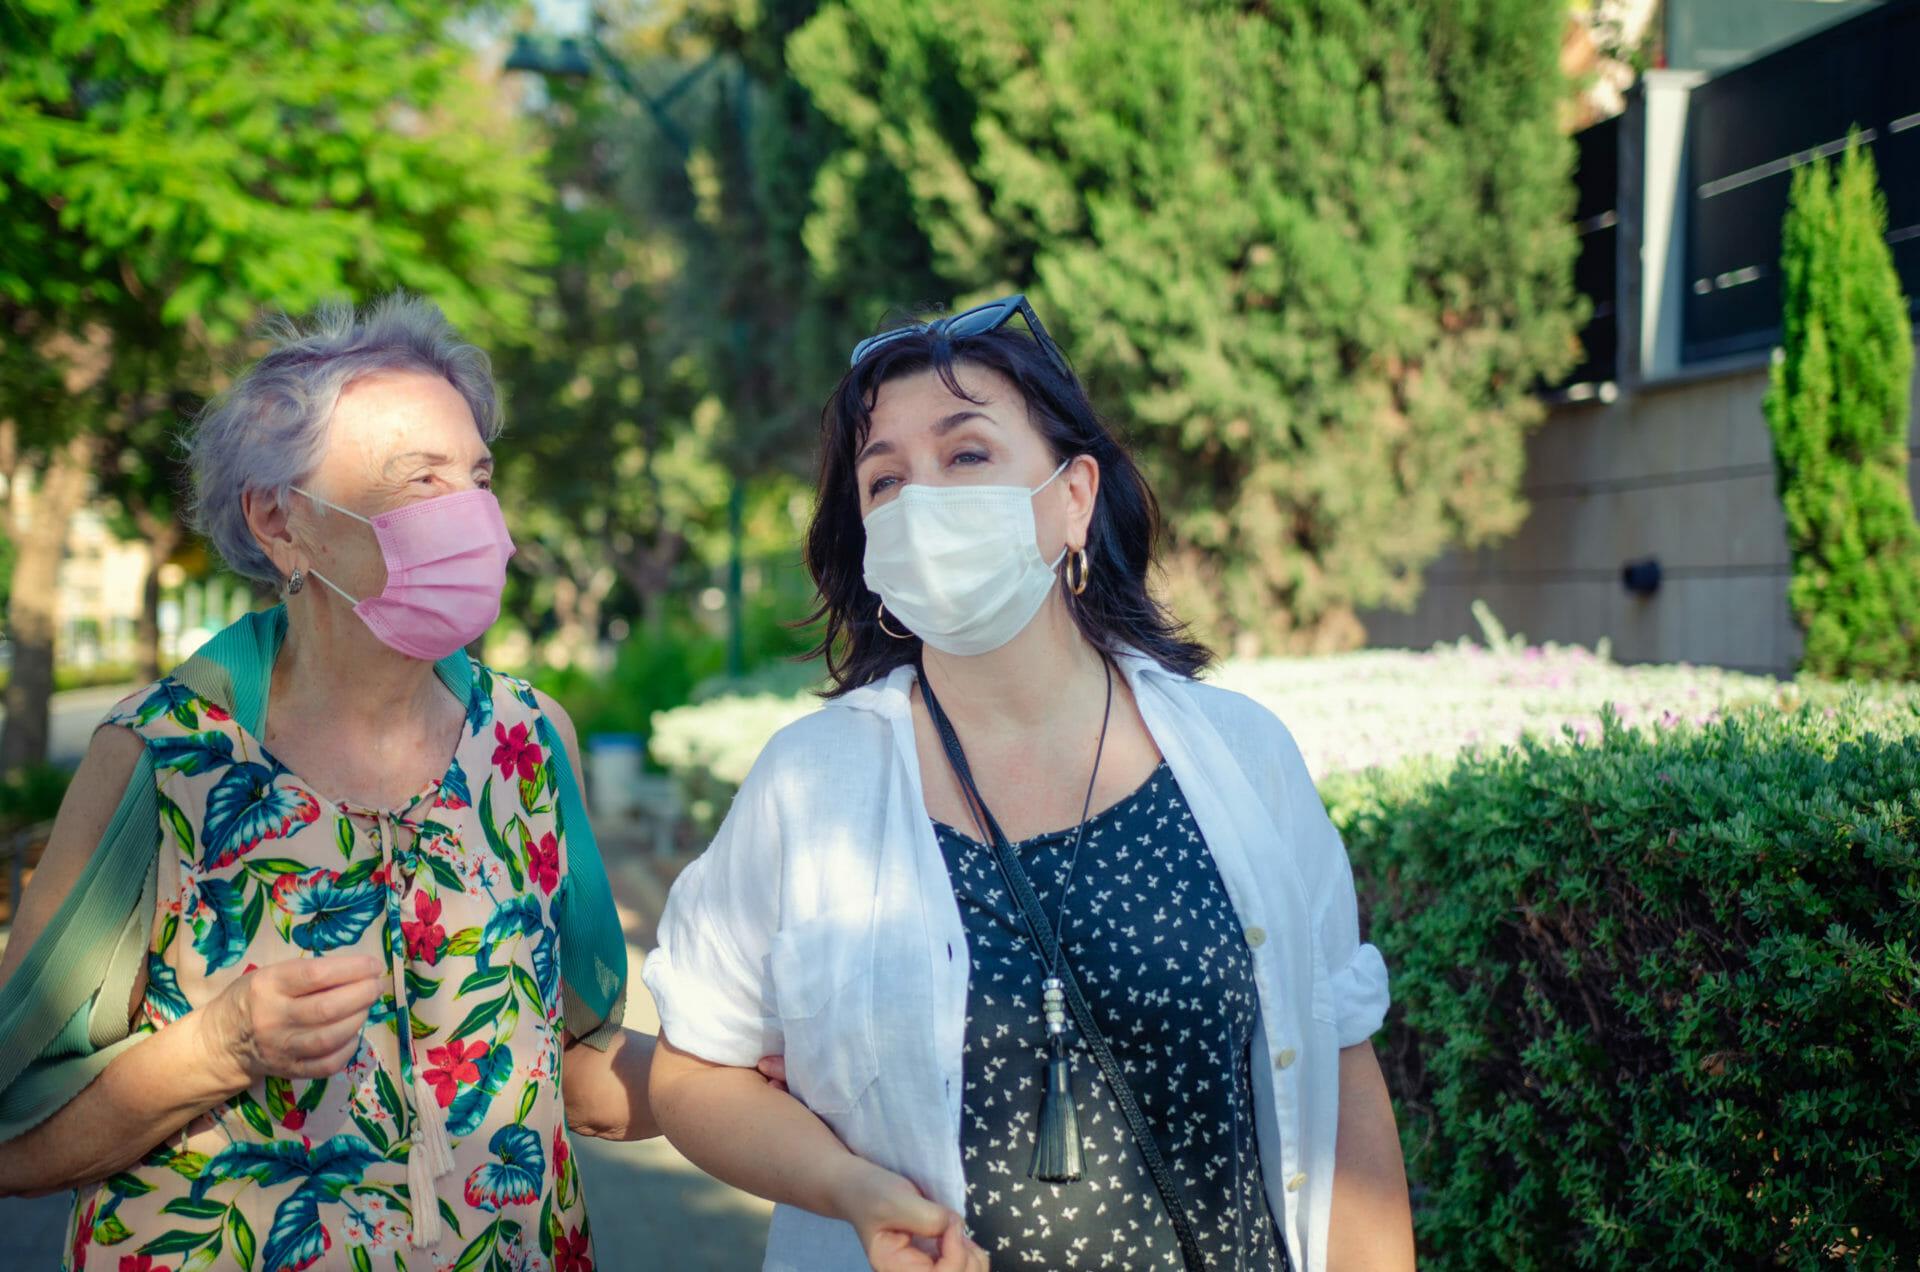 two women walking outside wearing masks